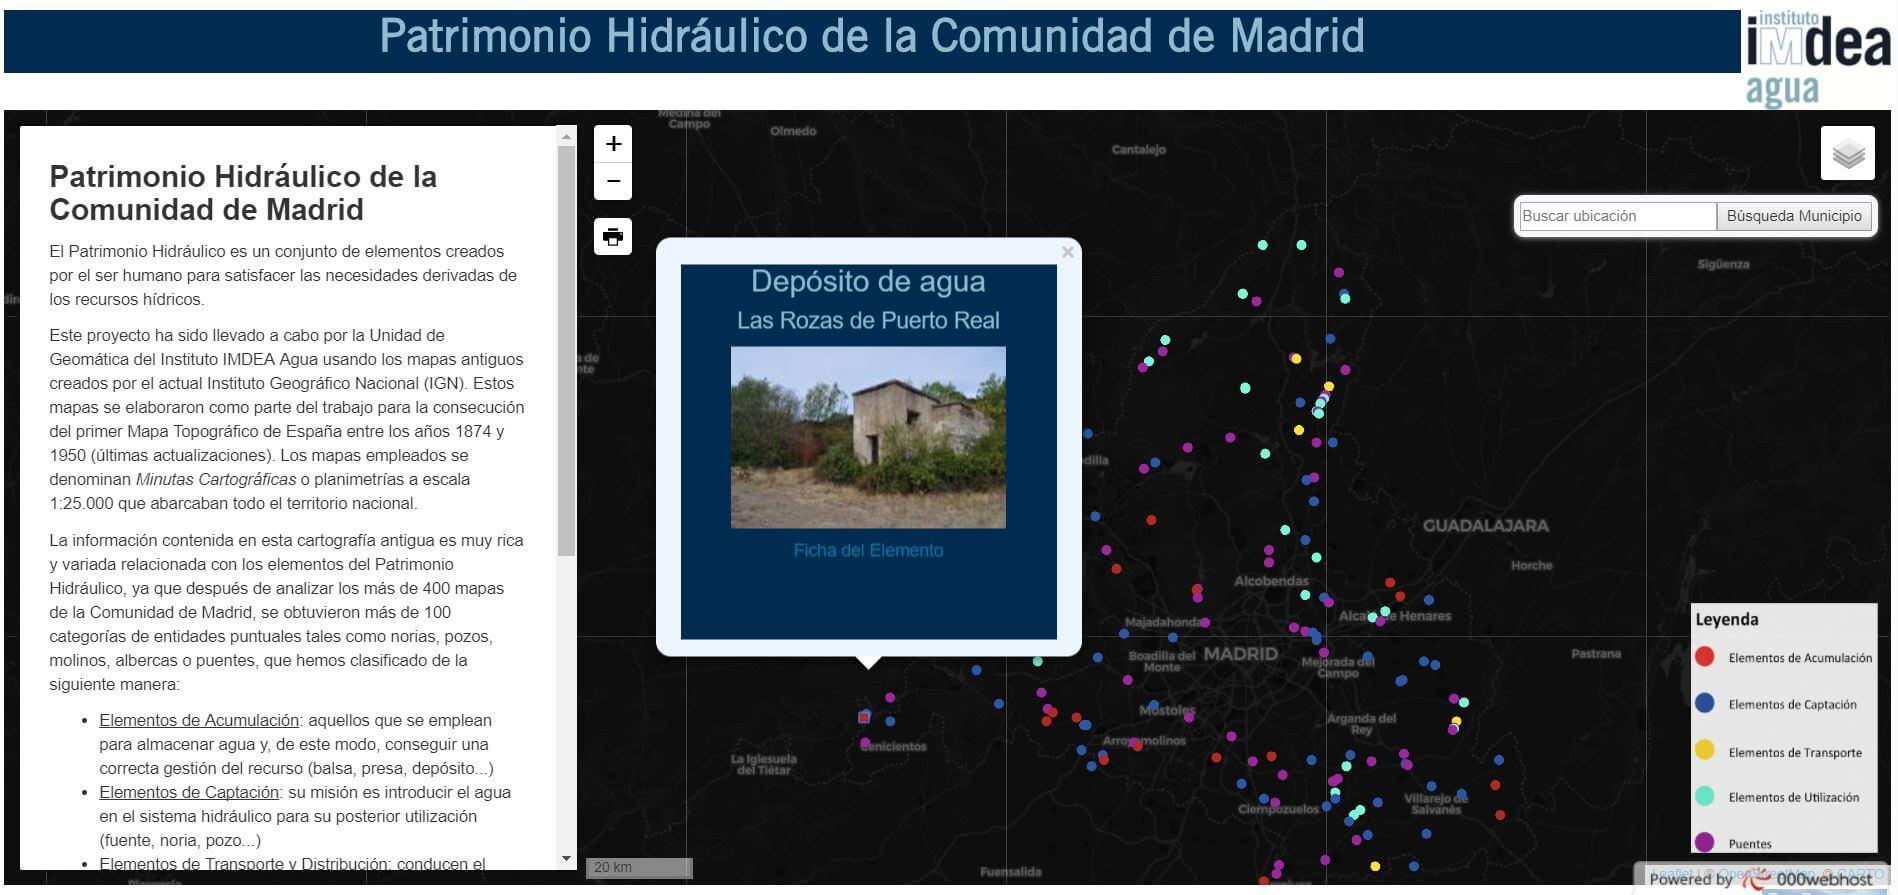 Imagen WebMapping del patrimonio hidráulico madrileño